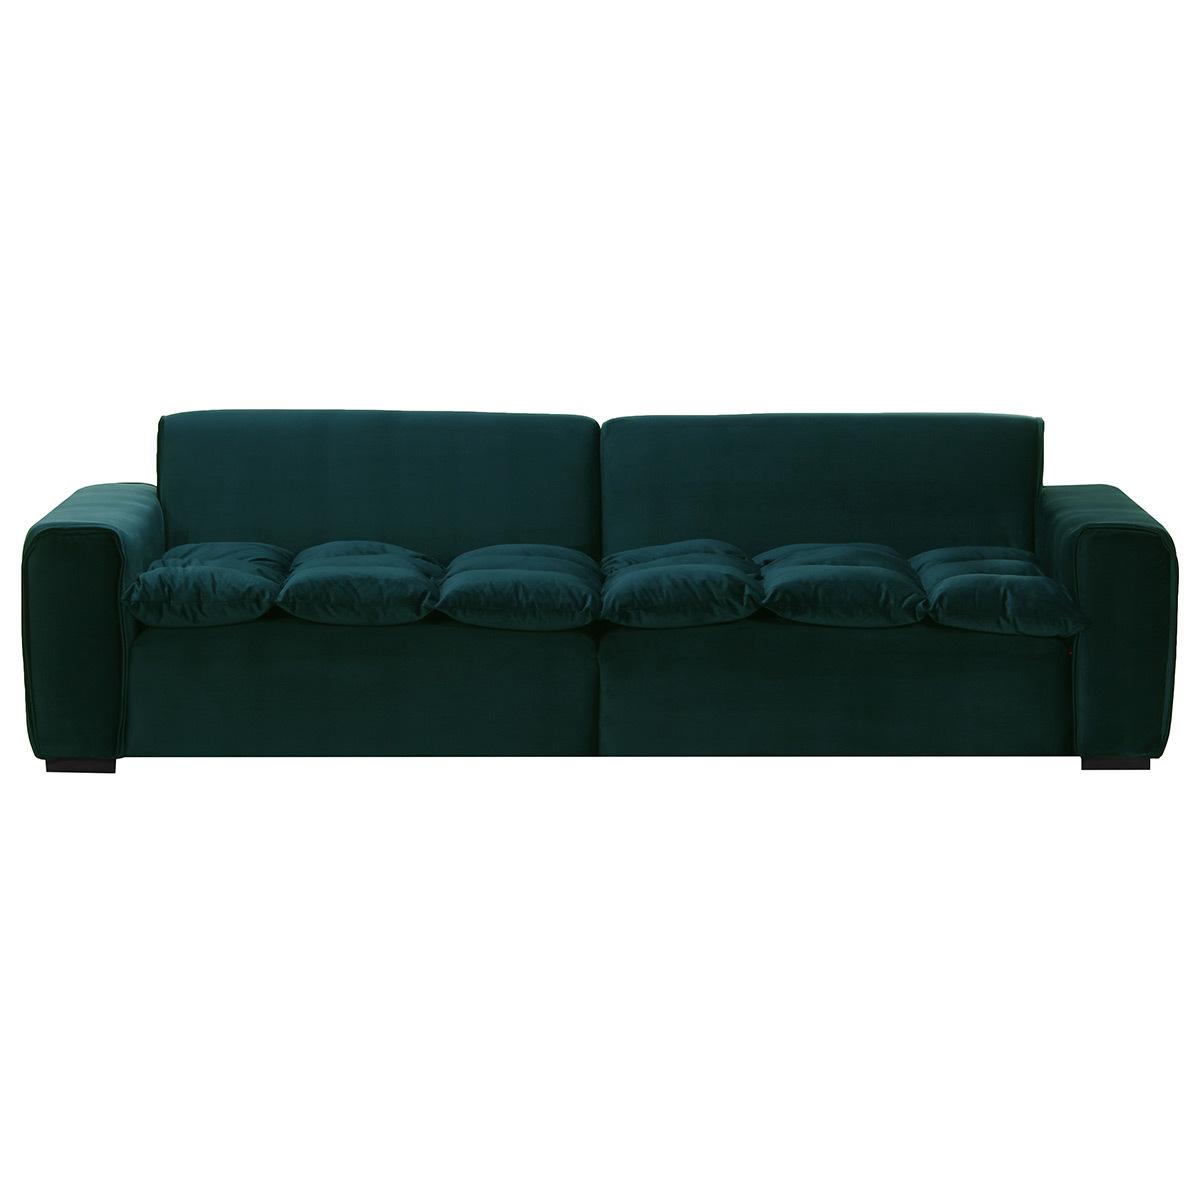 Divano a 3 posti design in velluto Verde MELLOW